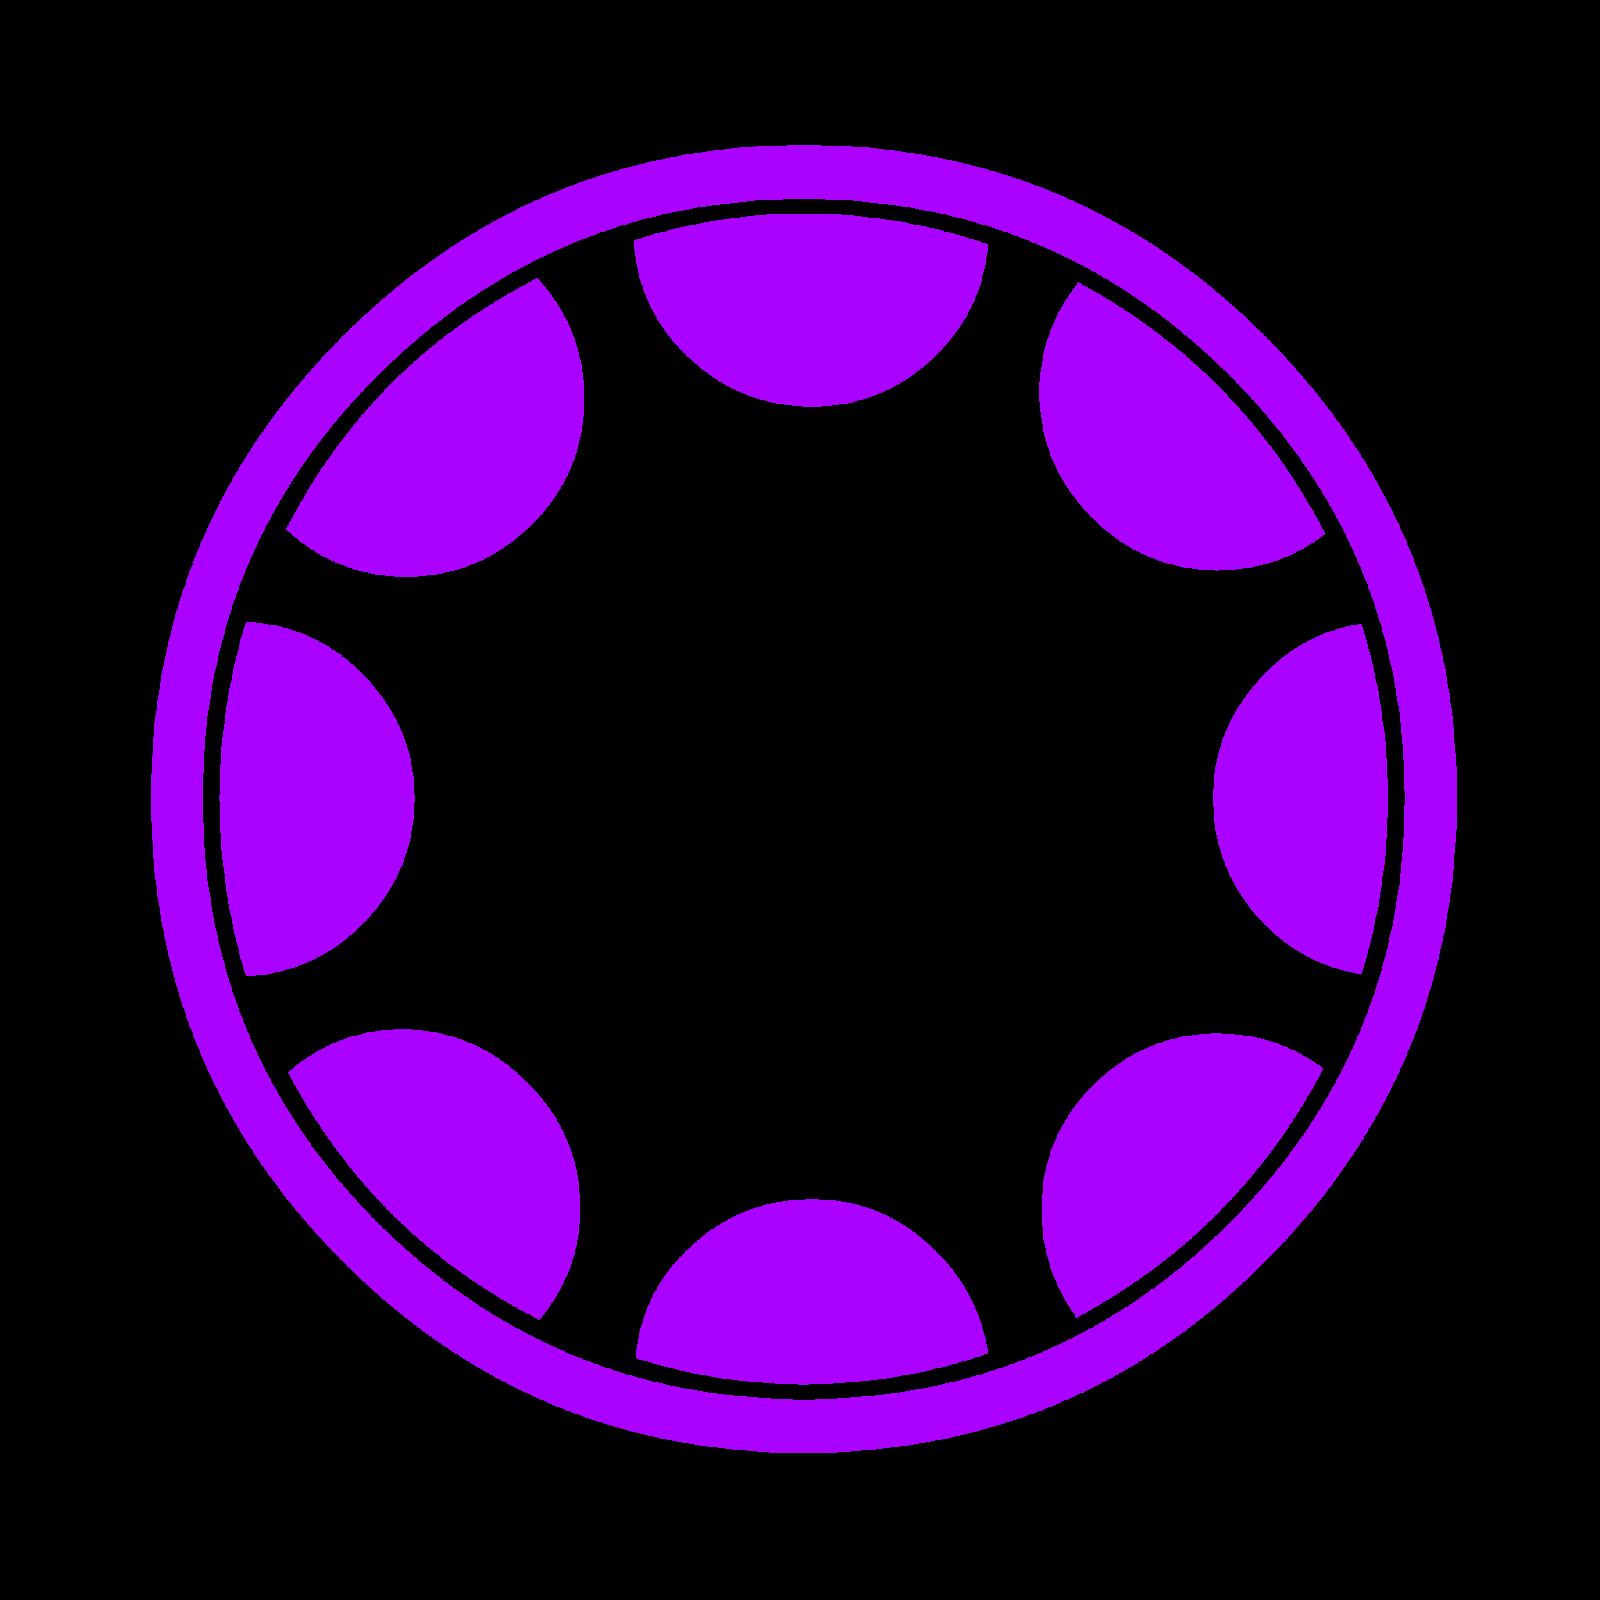 اشكال دائرية للتصميم Png